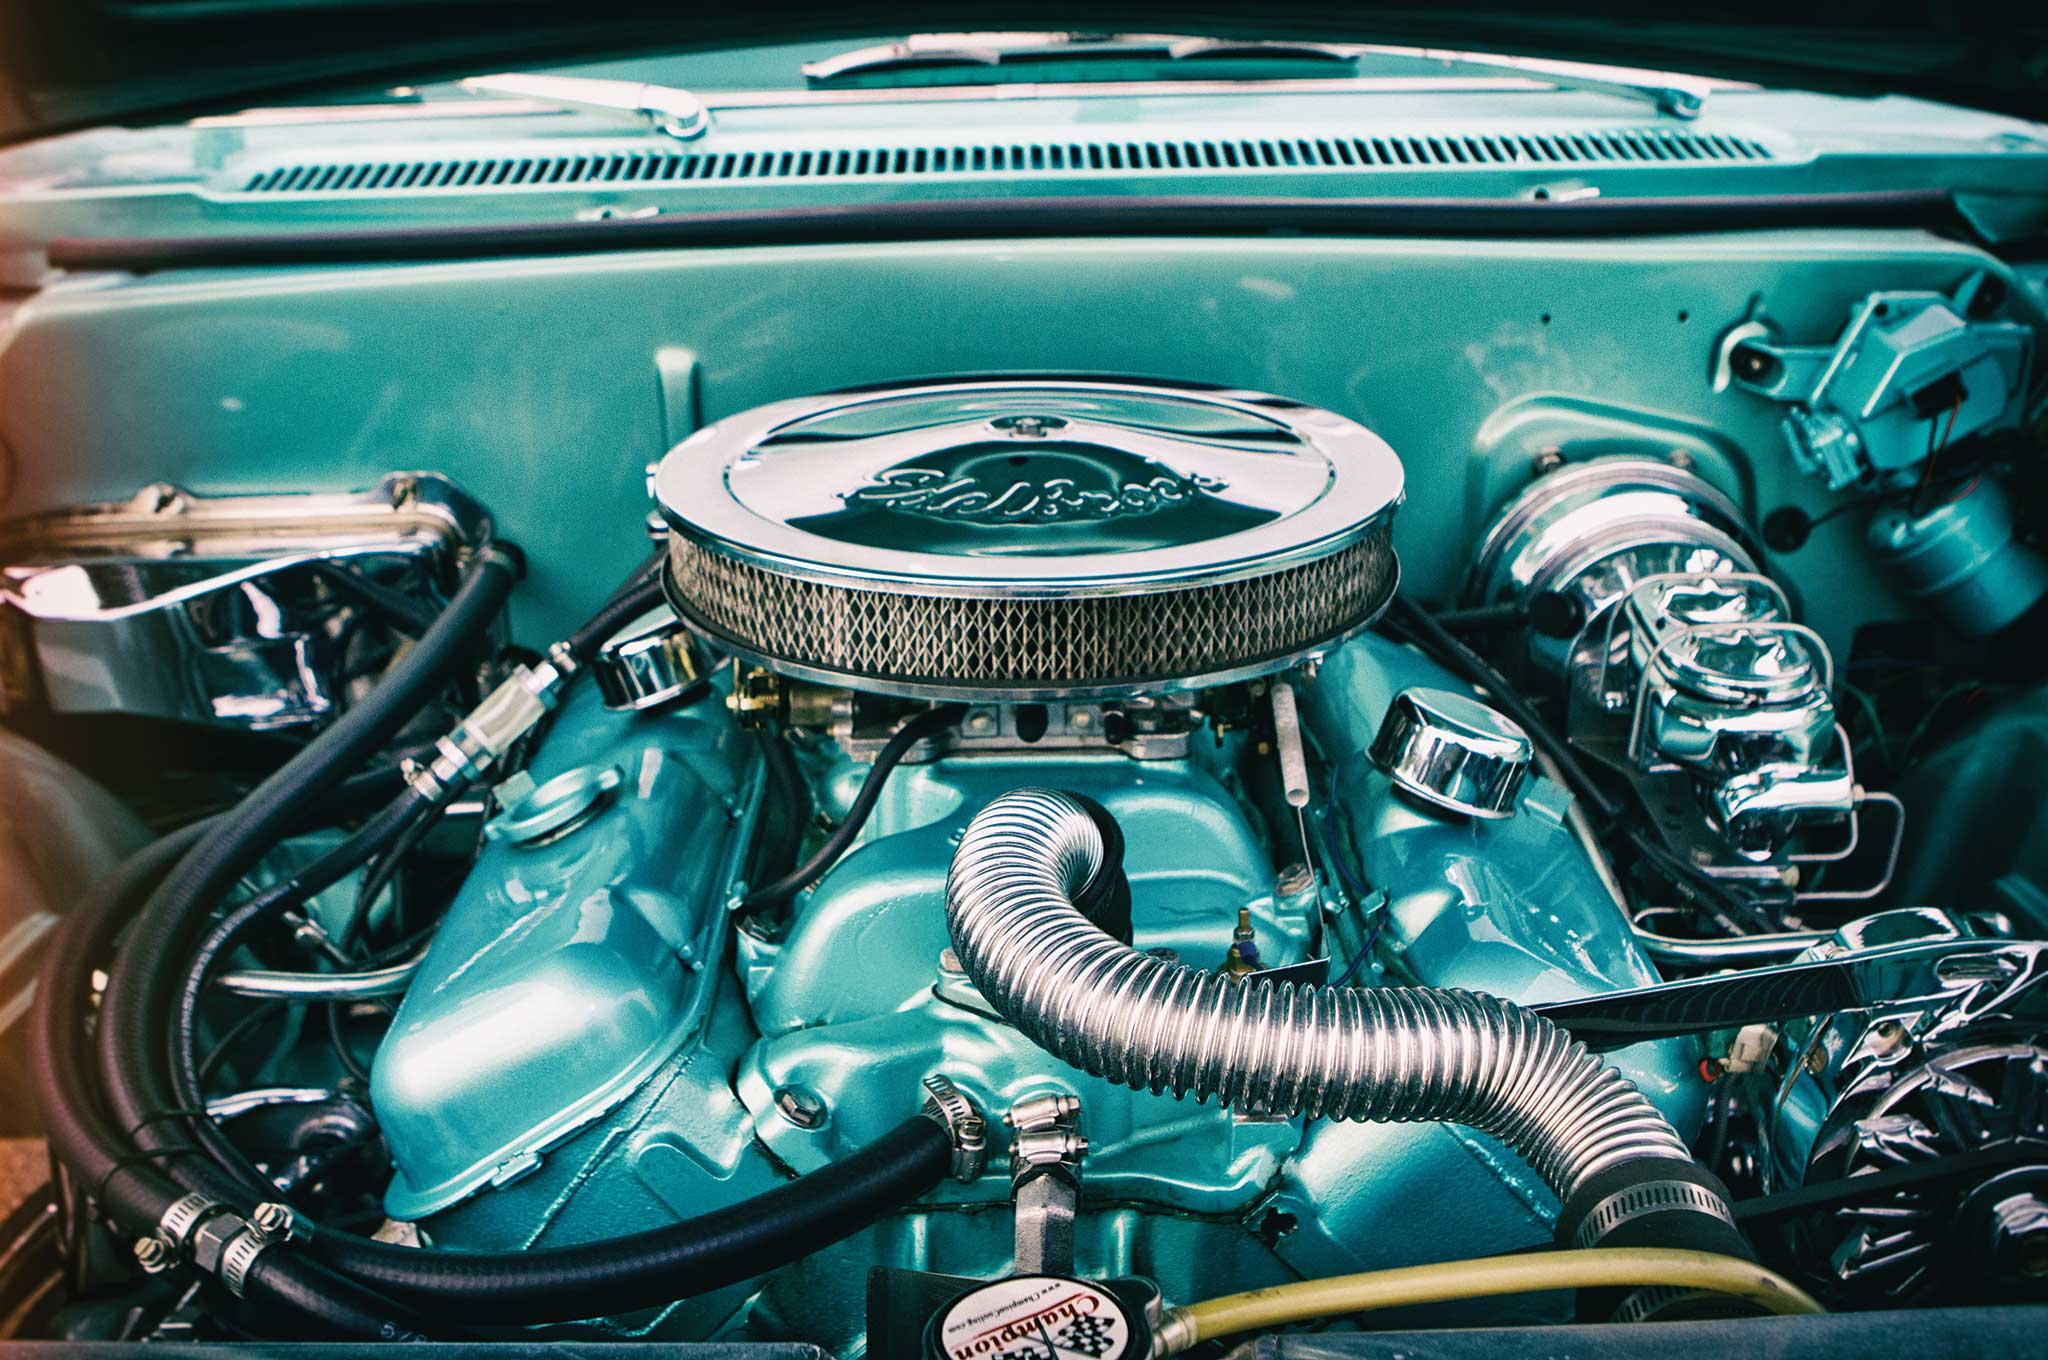 1965 chevrolet impala wagon 396 v8 004